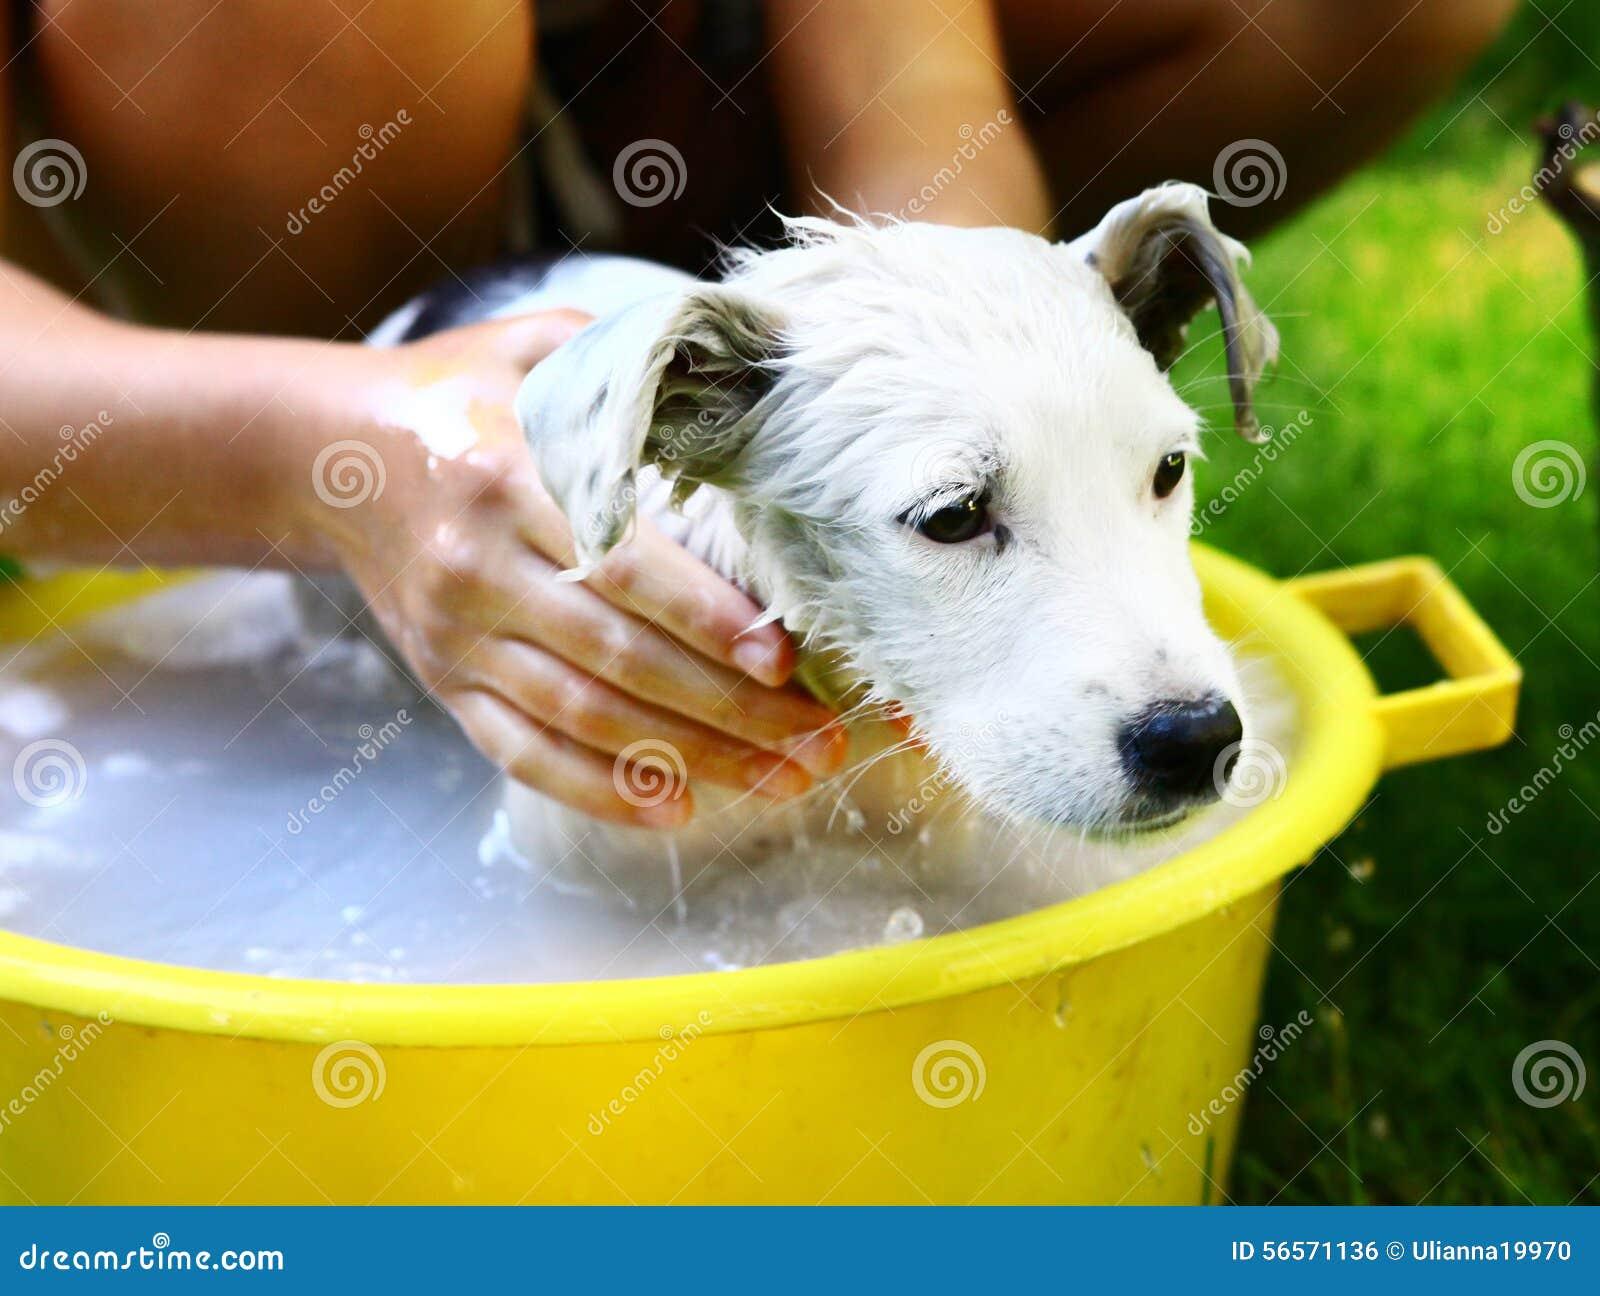 Download τα παιδιά πλένουν το περιπλανώμενο άσπρο κουτάβι στην κίτρινη λεκάνη στο υπόβαθρο θερινών κήπων Στοκ Εικόνες - εικόνα από κήπος, κατσίκι: 56571136